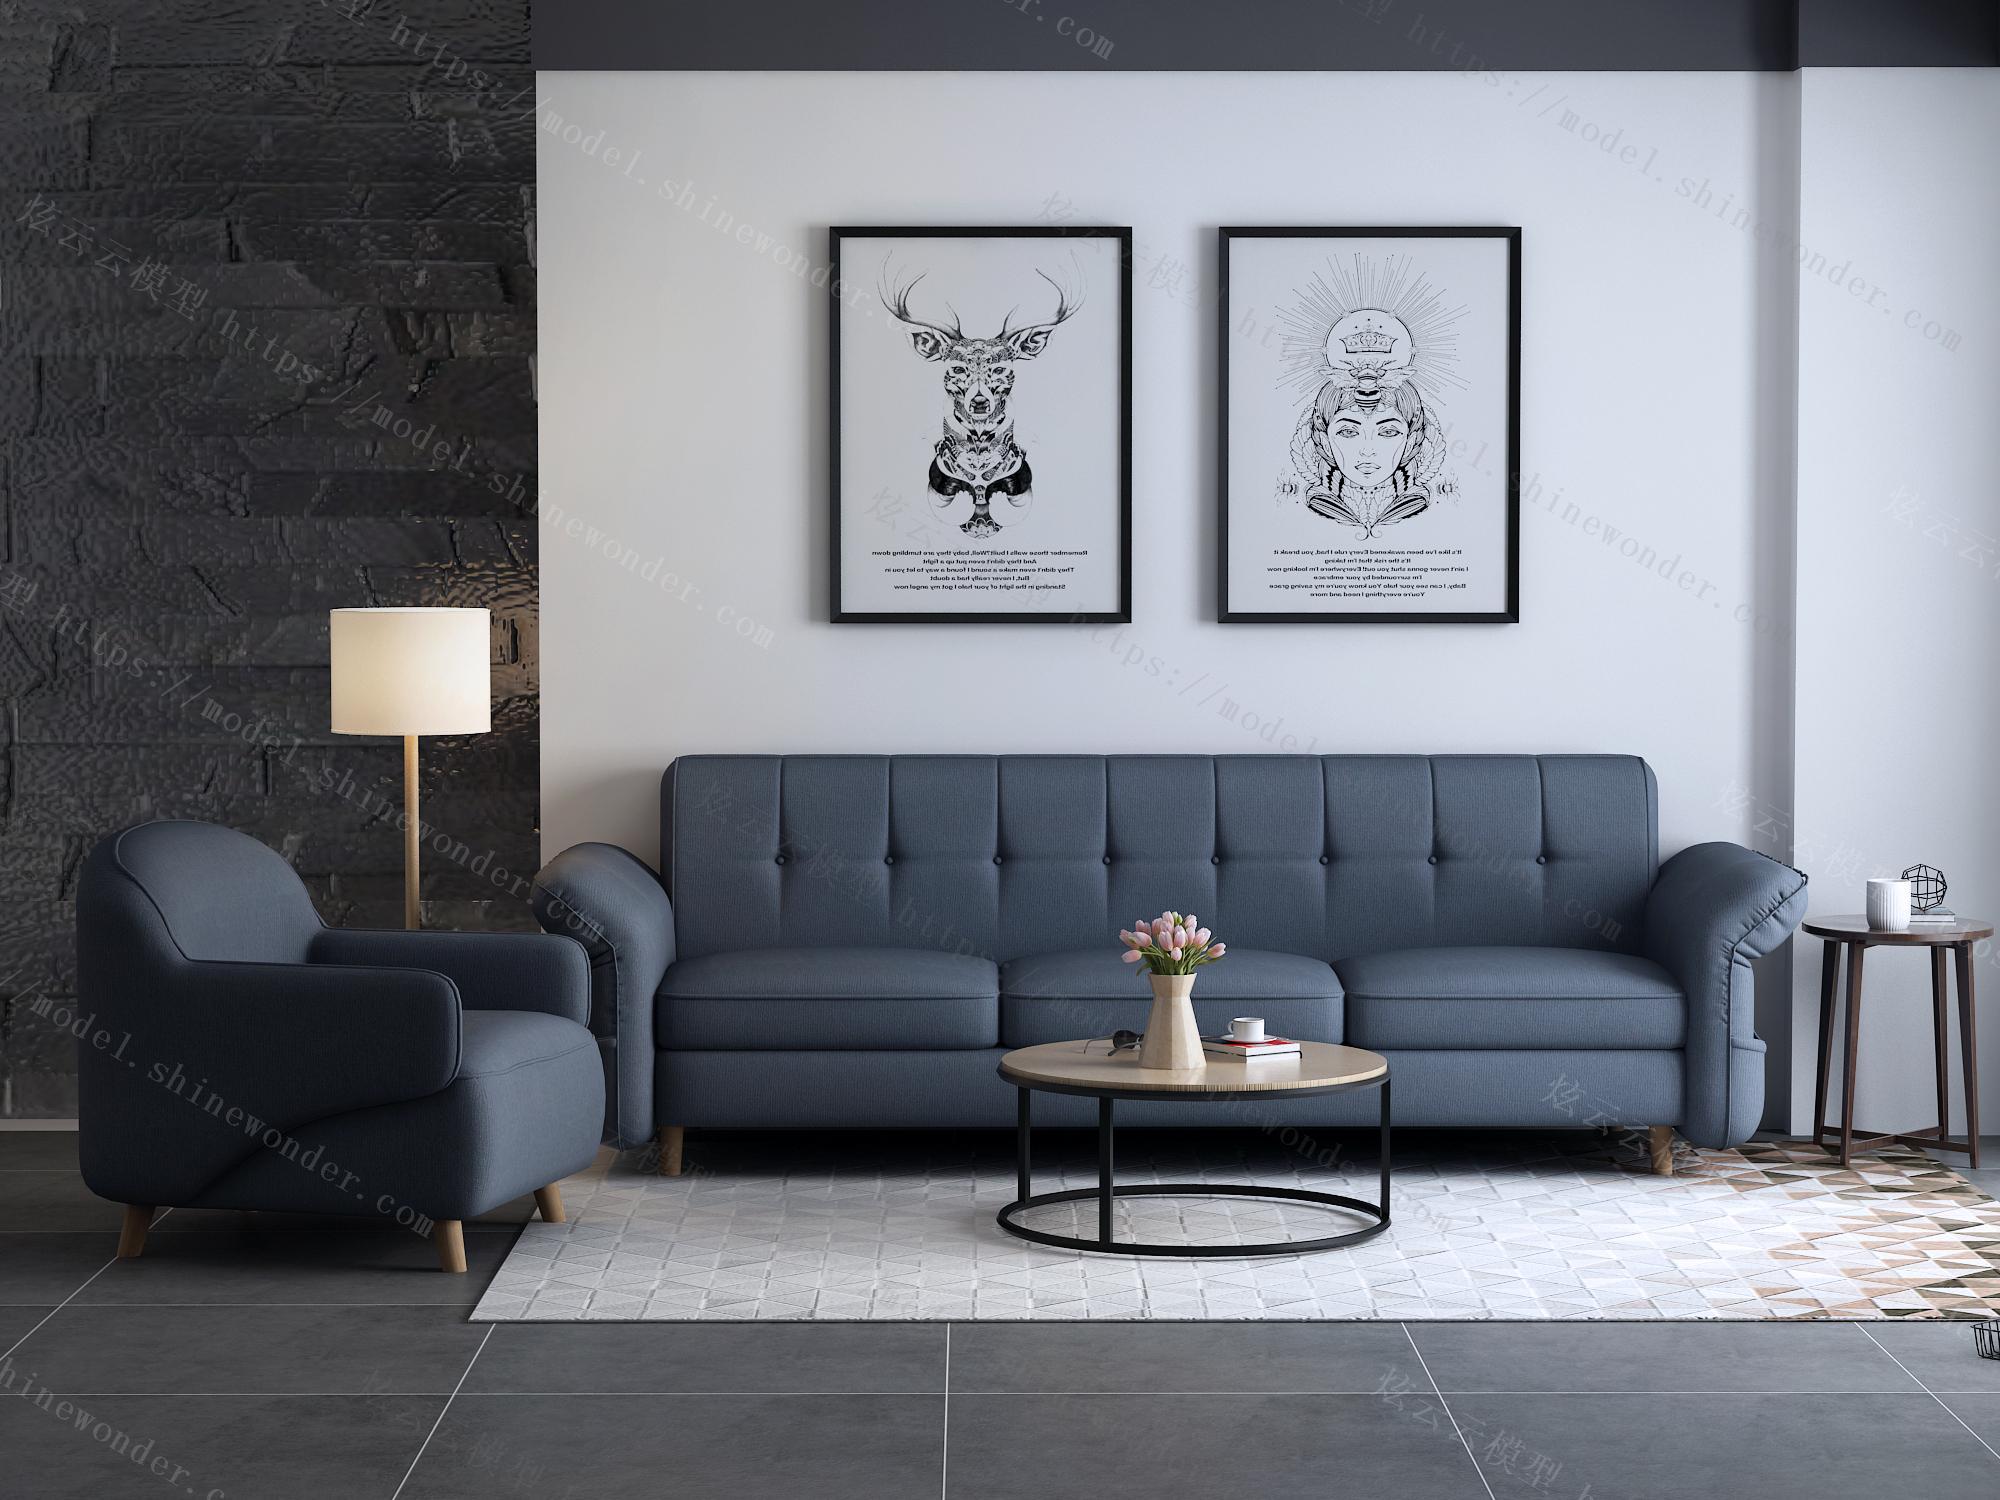 北欧简约现代沙发床小户型布艺沙发三人客厅整装家具1012模型